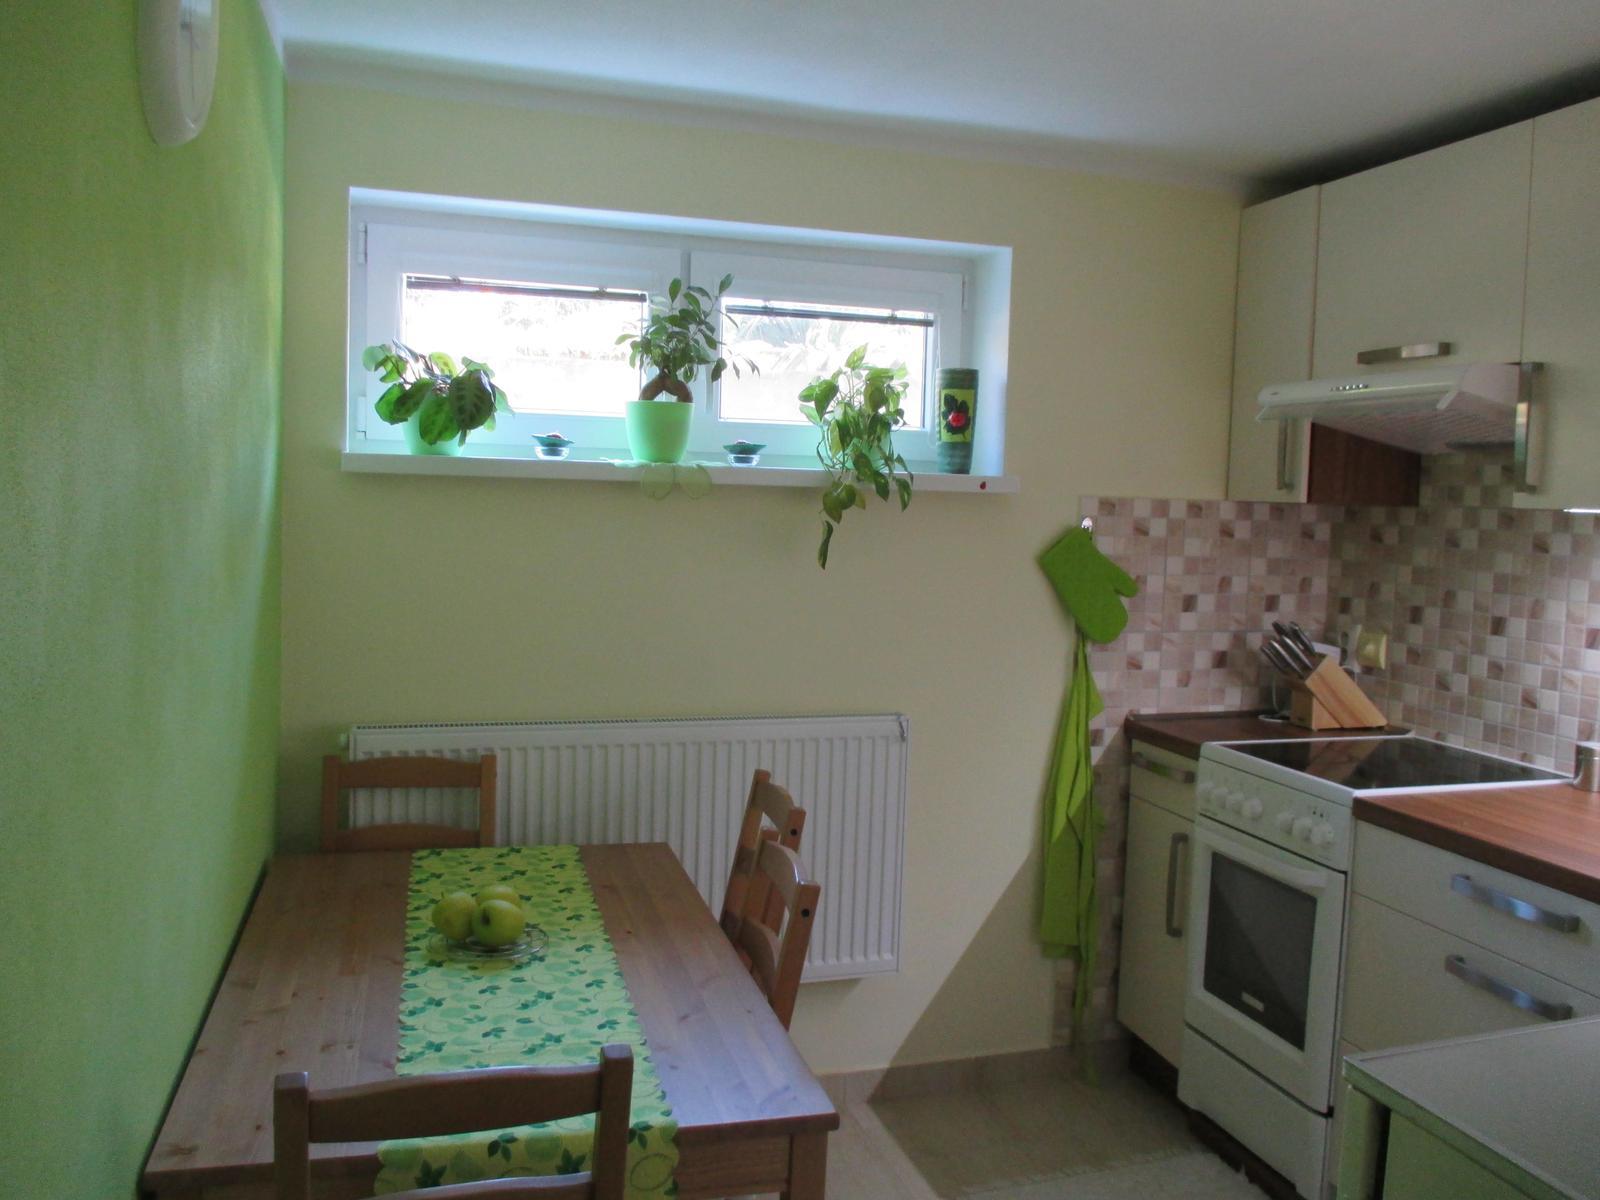 Realizácie kuchyne  - stolárstvo Valuška - kuchynská linka robená do rodinného domu- kombinácia jasmín a orech dijon - obr.3